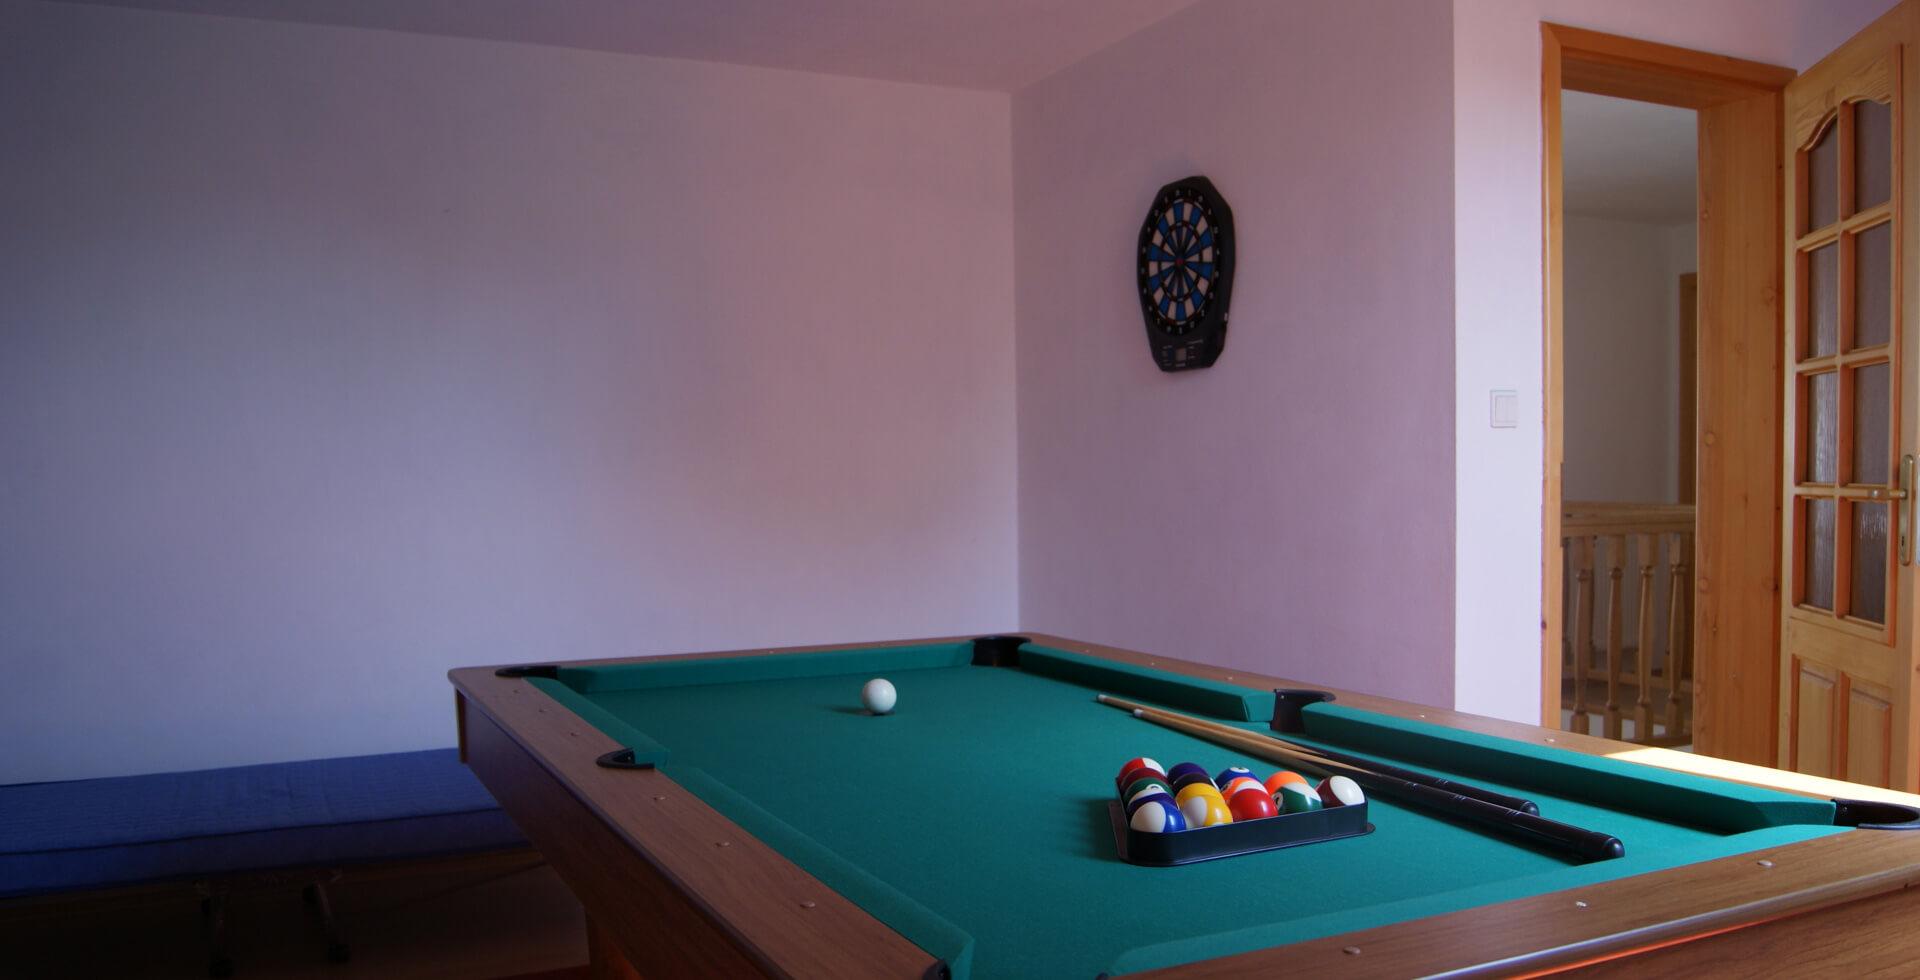 Osobitná miestnosť je určená k spoločenským hrám